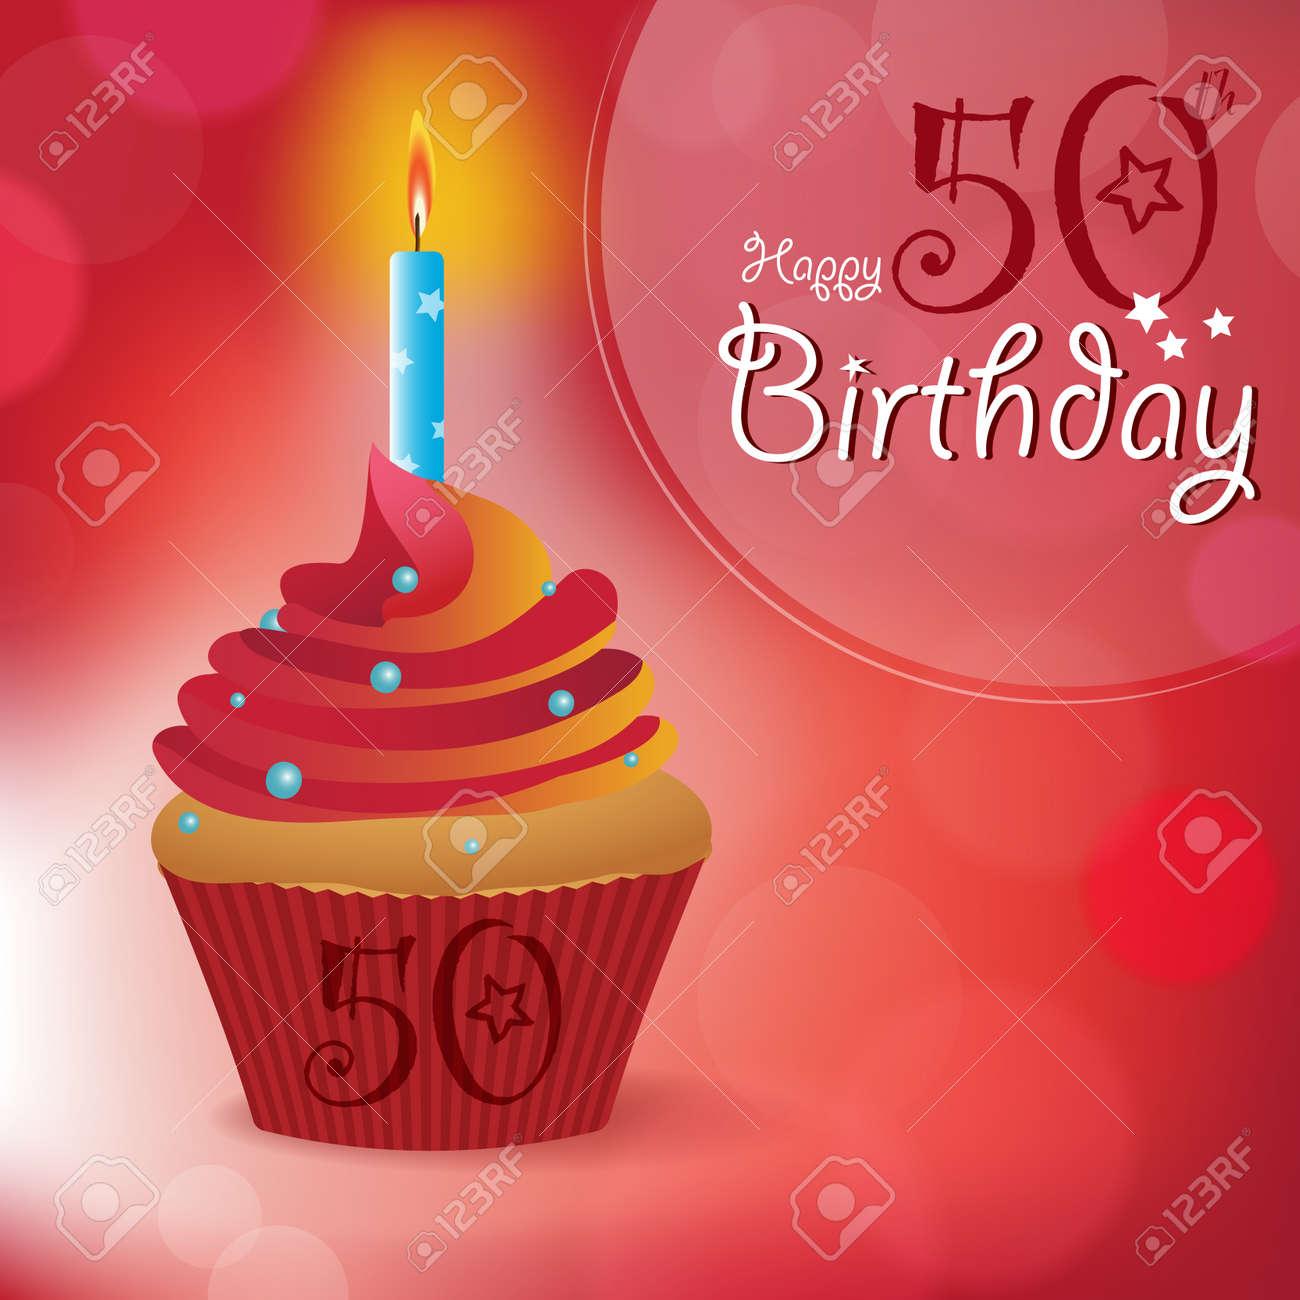 Glucklicher 50 Geburtstag Grusseinladungsmitteilung Bokeh Vektor